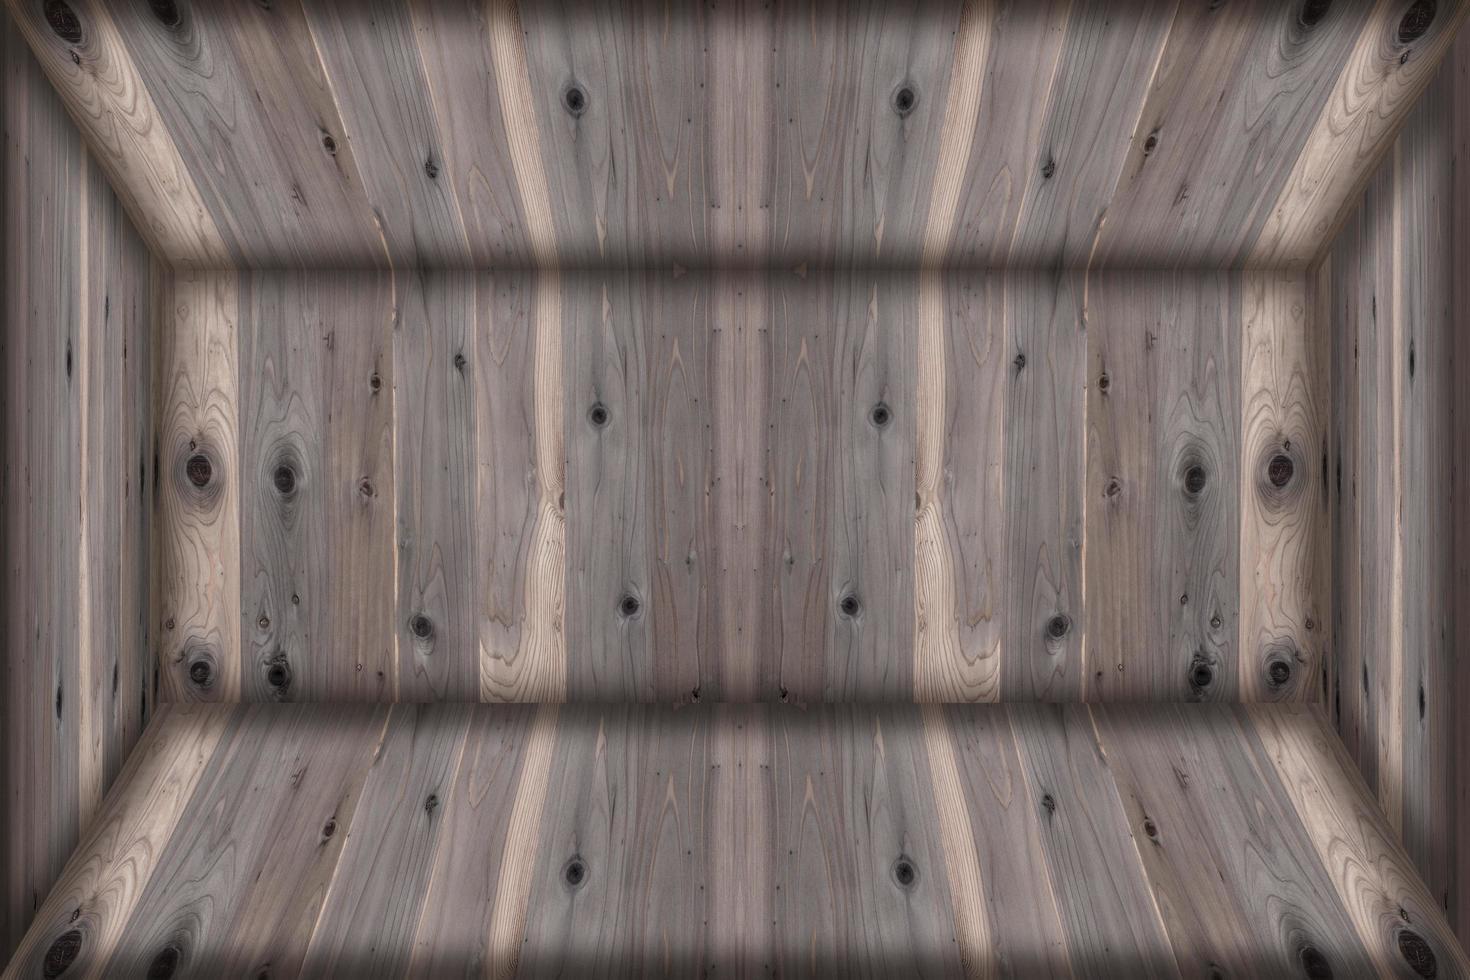 fond de loft en bois délavé photo